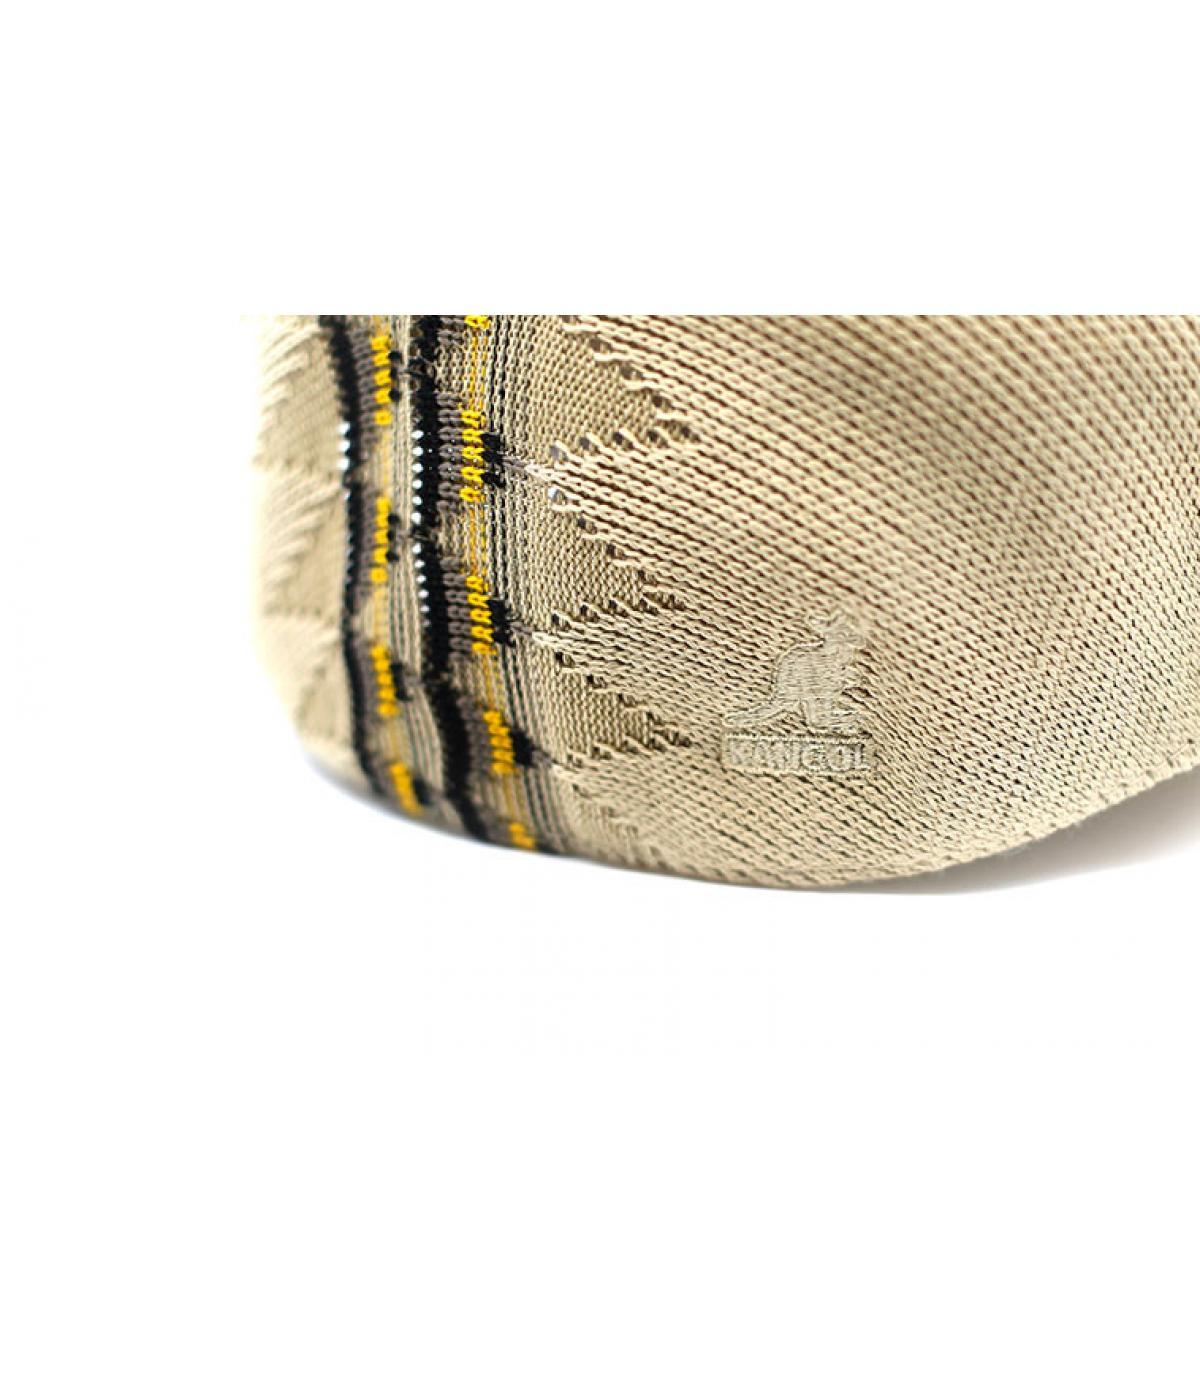 Dettagli Argyle 504 beige - image 4